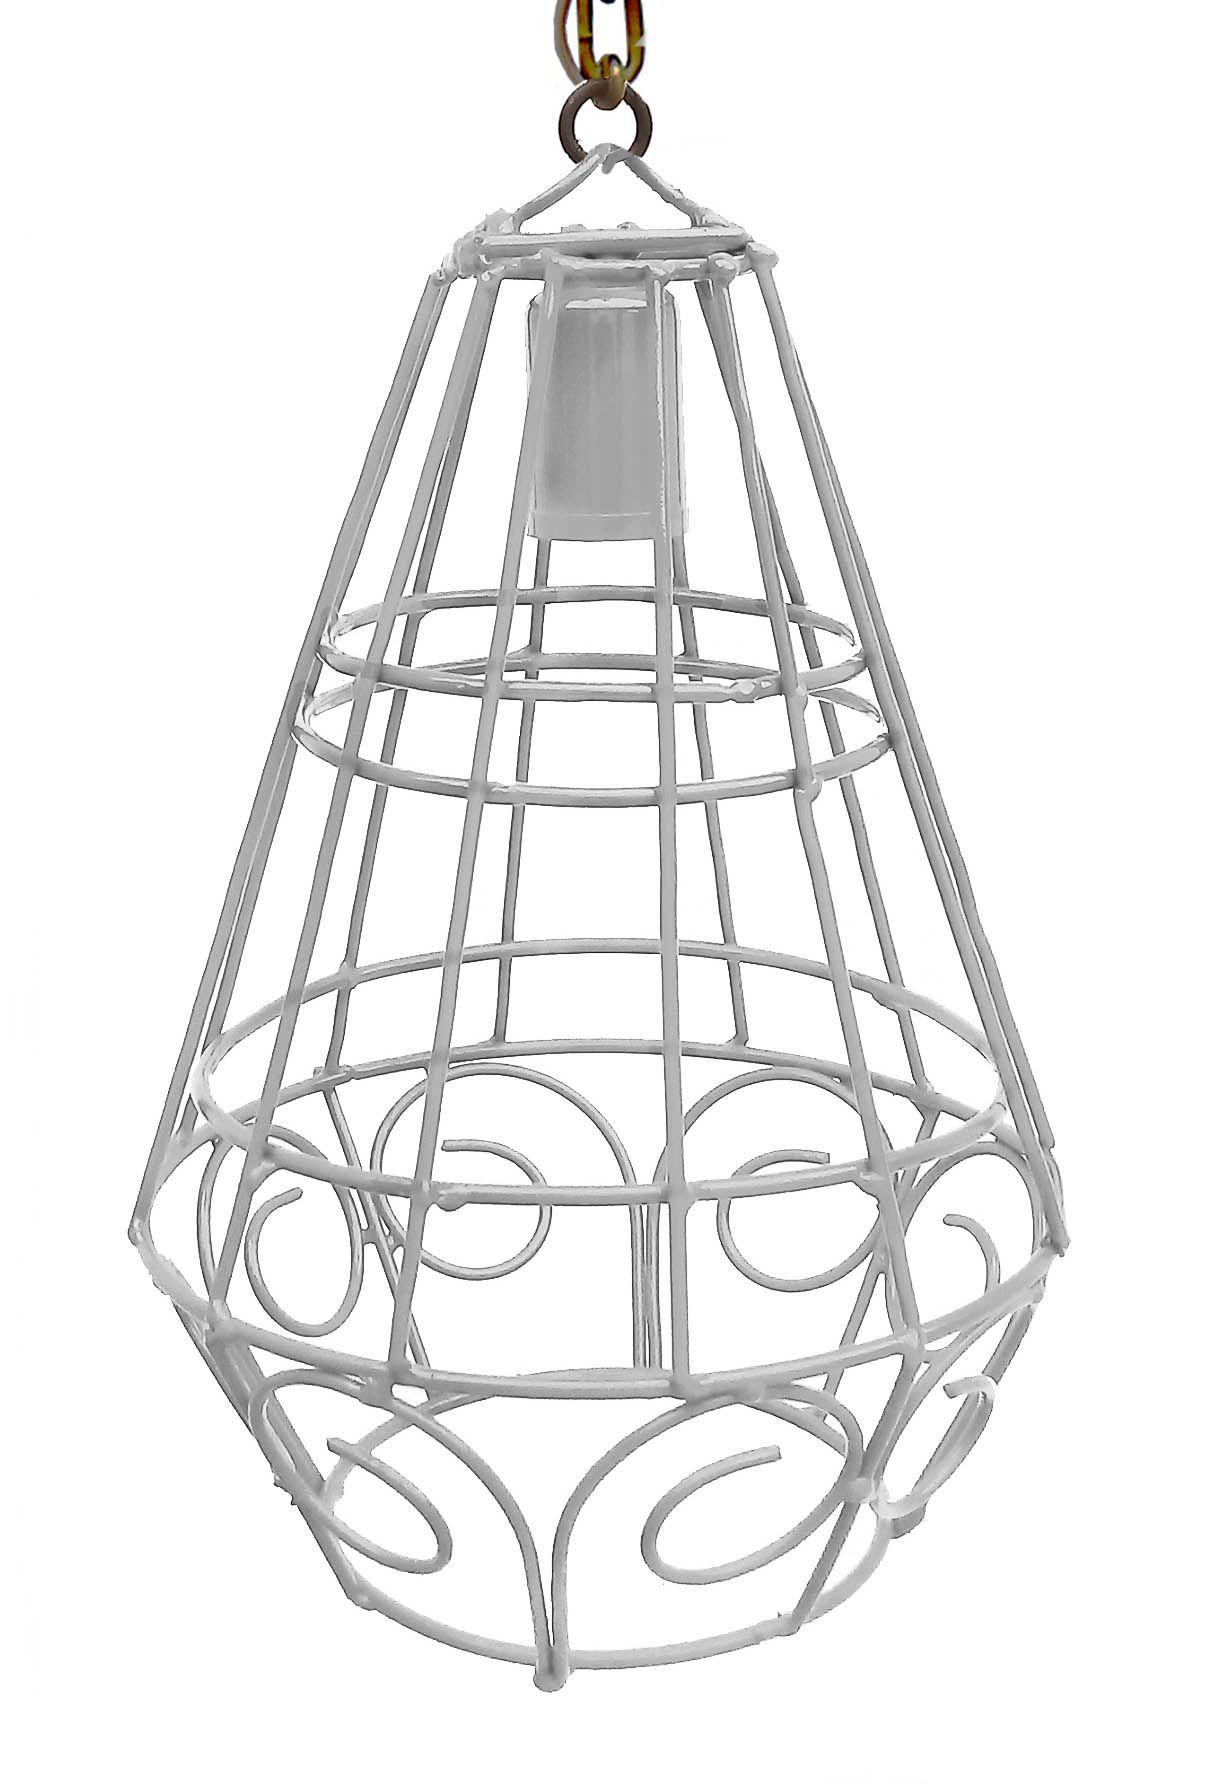 Pendente Decorativo Moderno de Ferro Artesanato para Balcão e Bar 01 Bocal